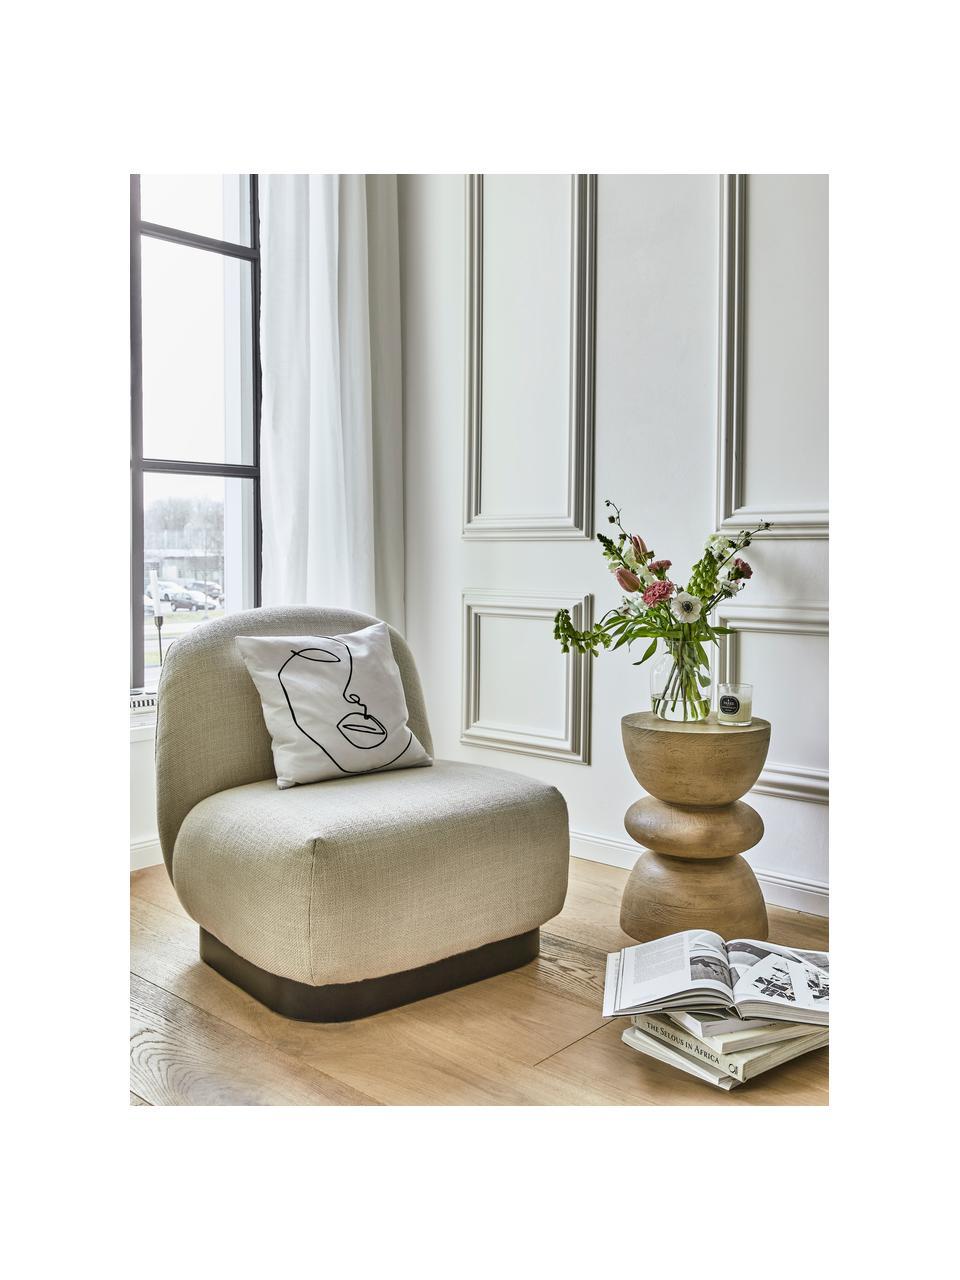 Tavolino rotondo in legno di mango marrone chiaro Benno, Legno massiccio di mango verniciato, Marrone chiaro, Ø 35 x Alt. 50 cm